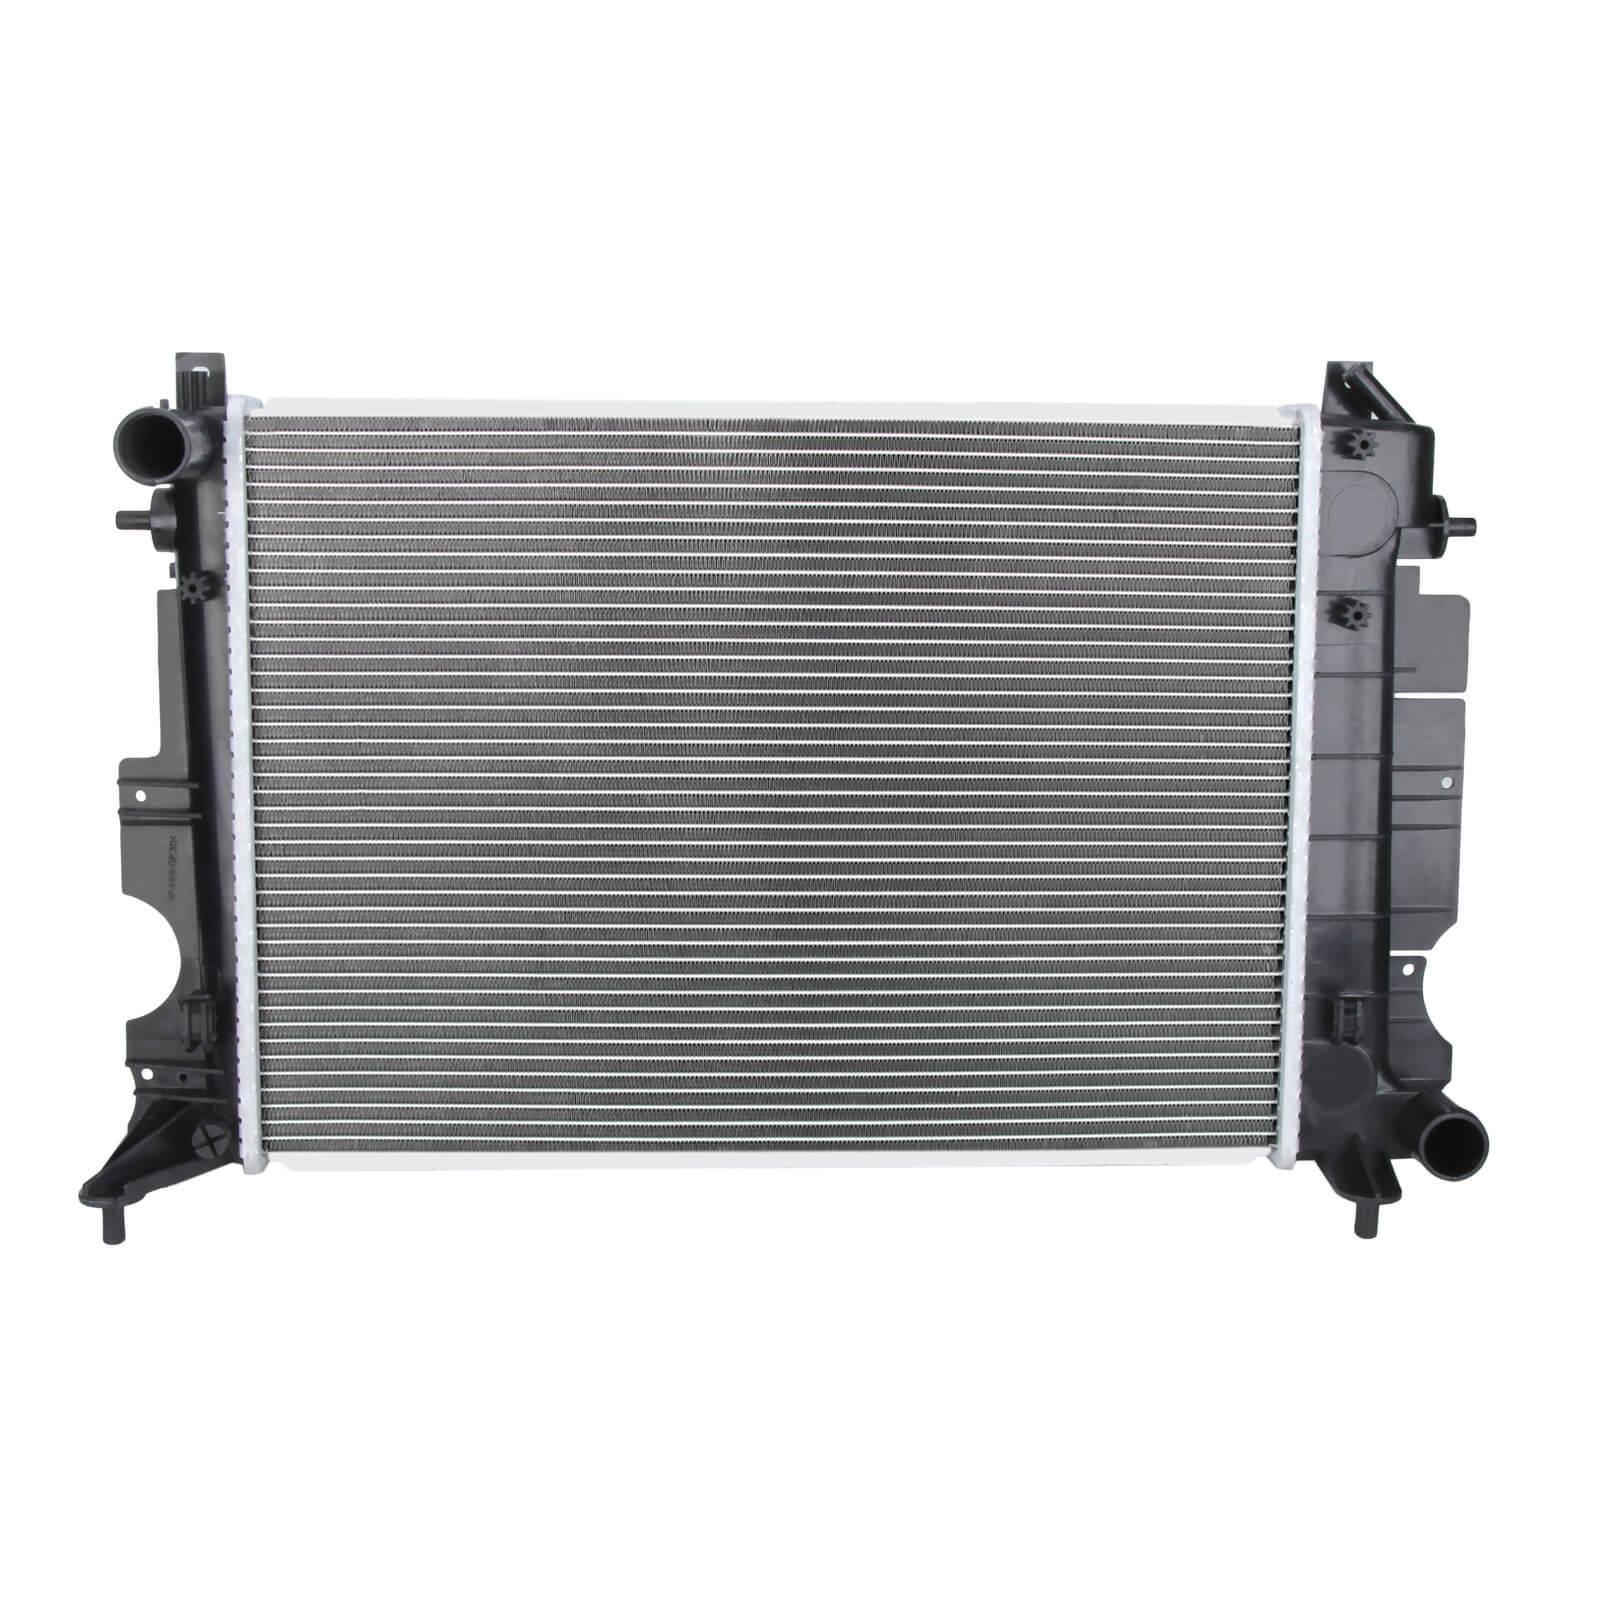 ENGINE COOLING RADIATOR FOR SAAB 9-3 YS3D HATCHBACK MANUAL